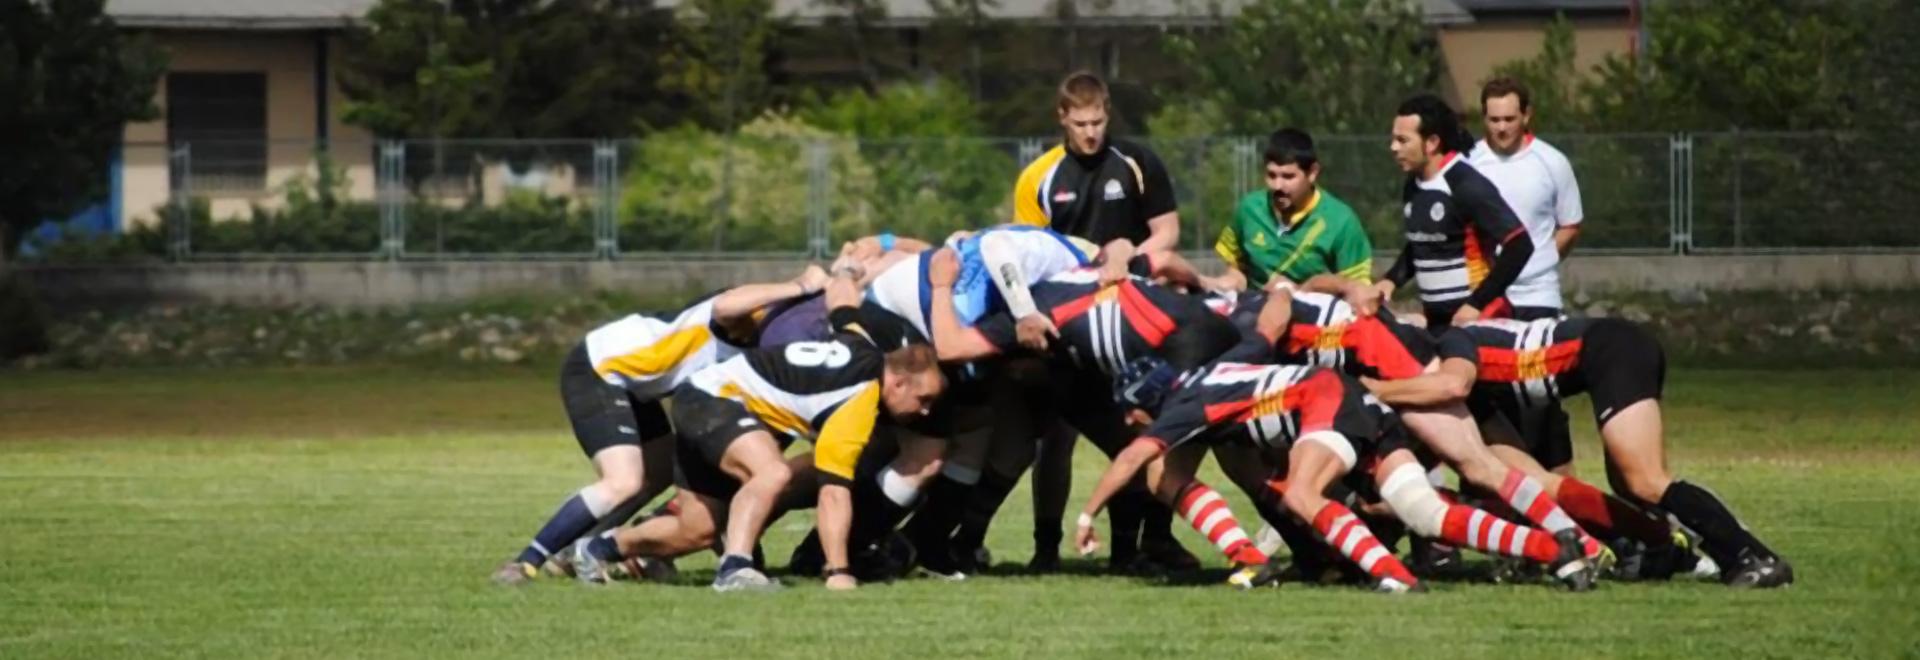 Què és el rugby